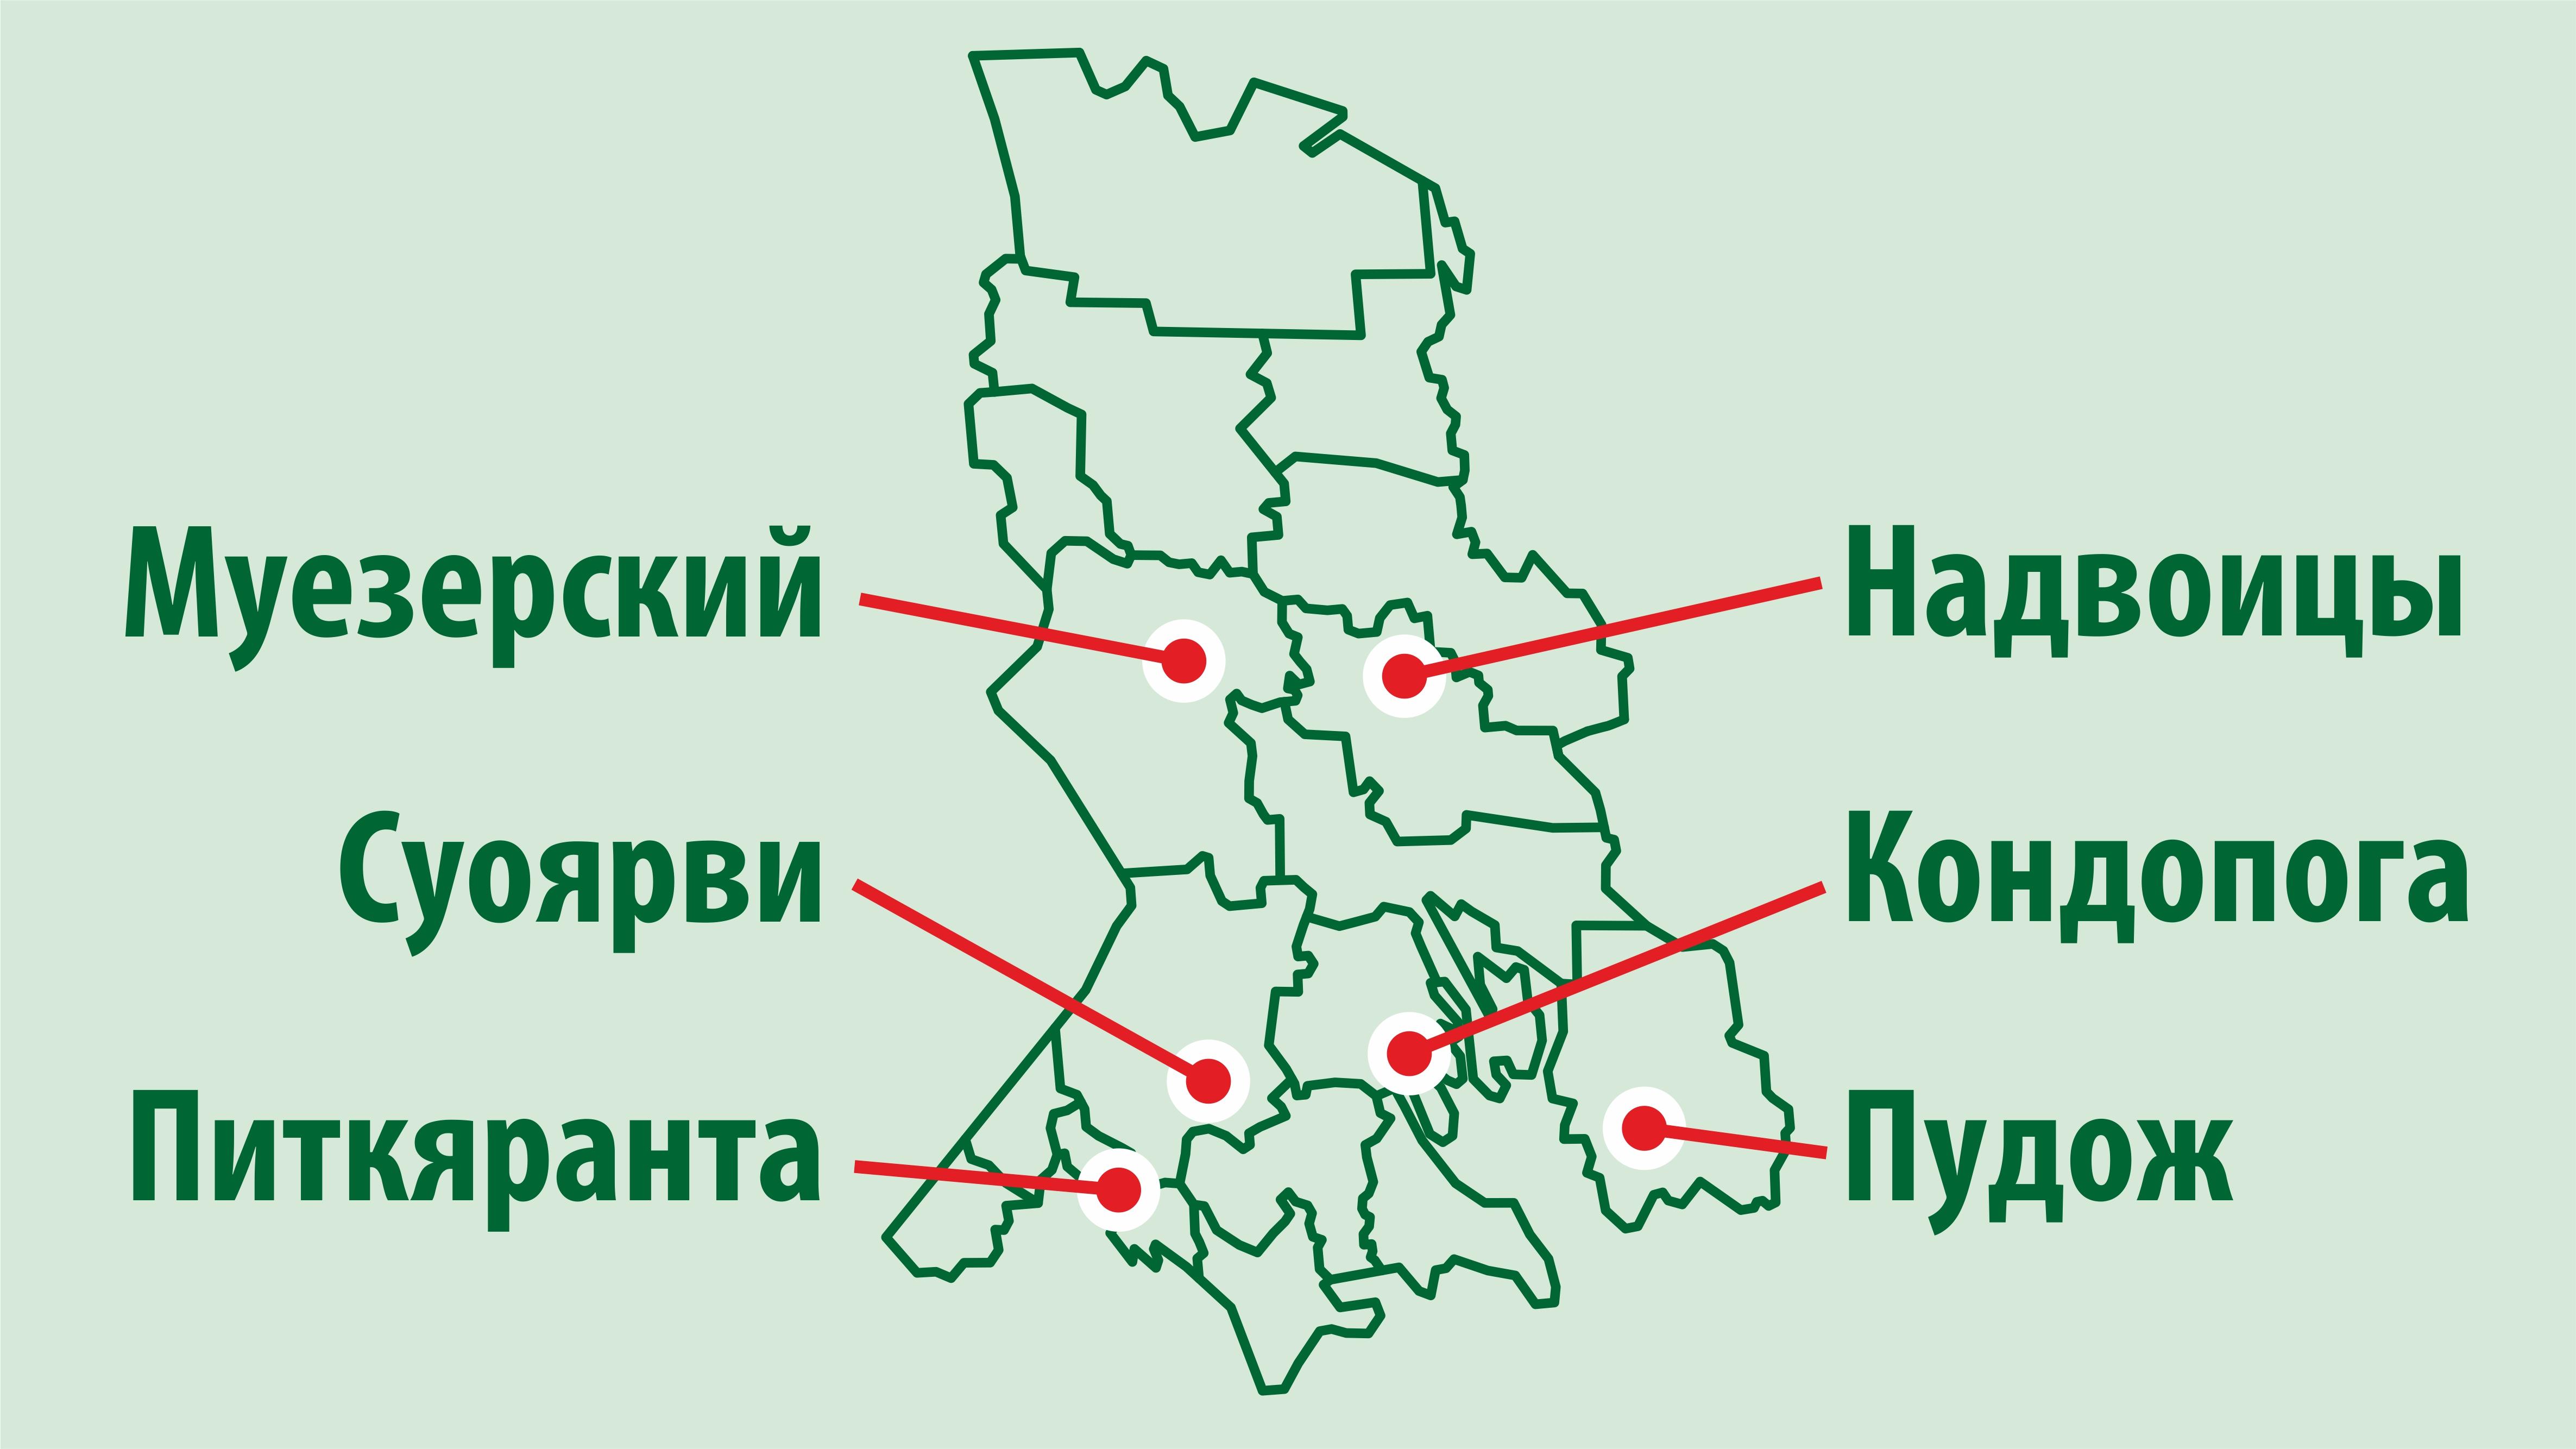 На что делают ставку в развитии российские моногорода -  экономика и бизнес - тасс